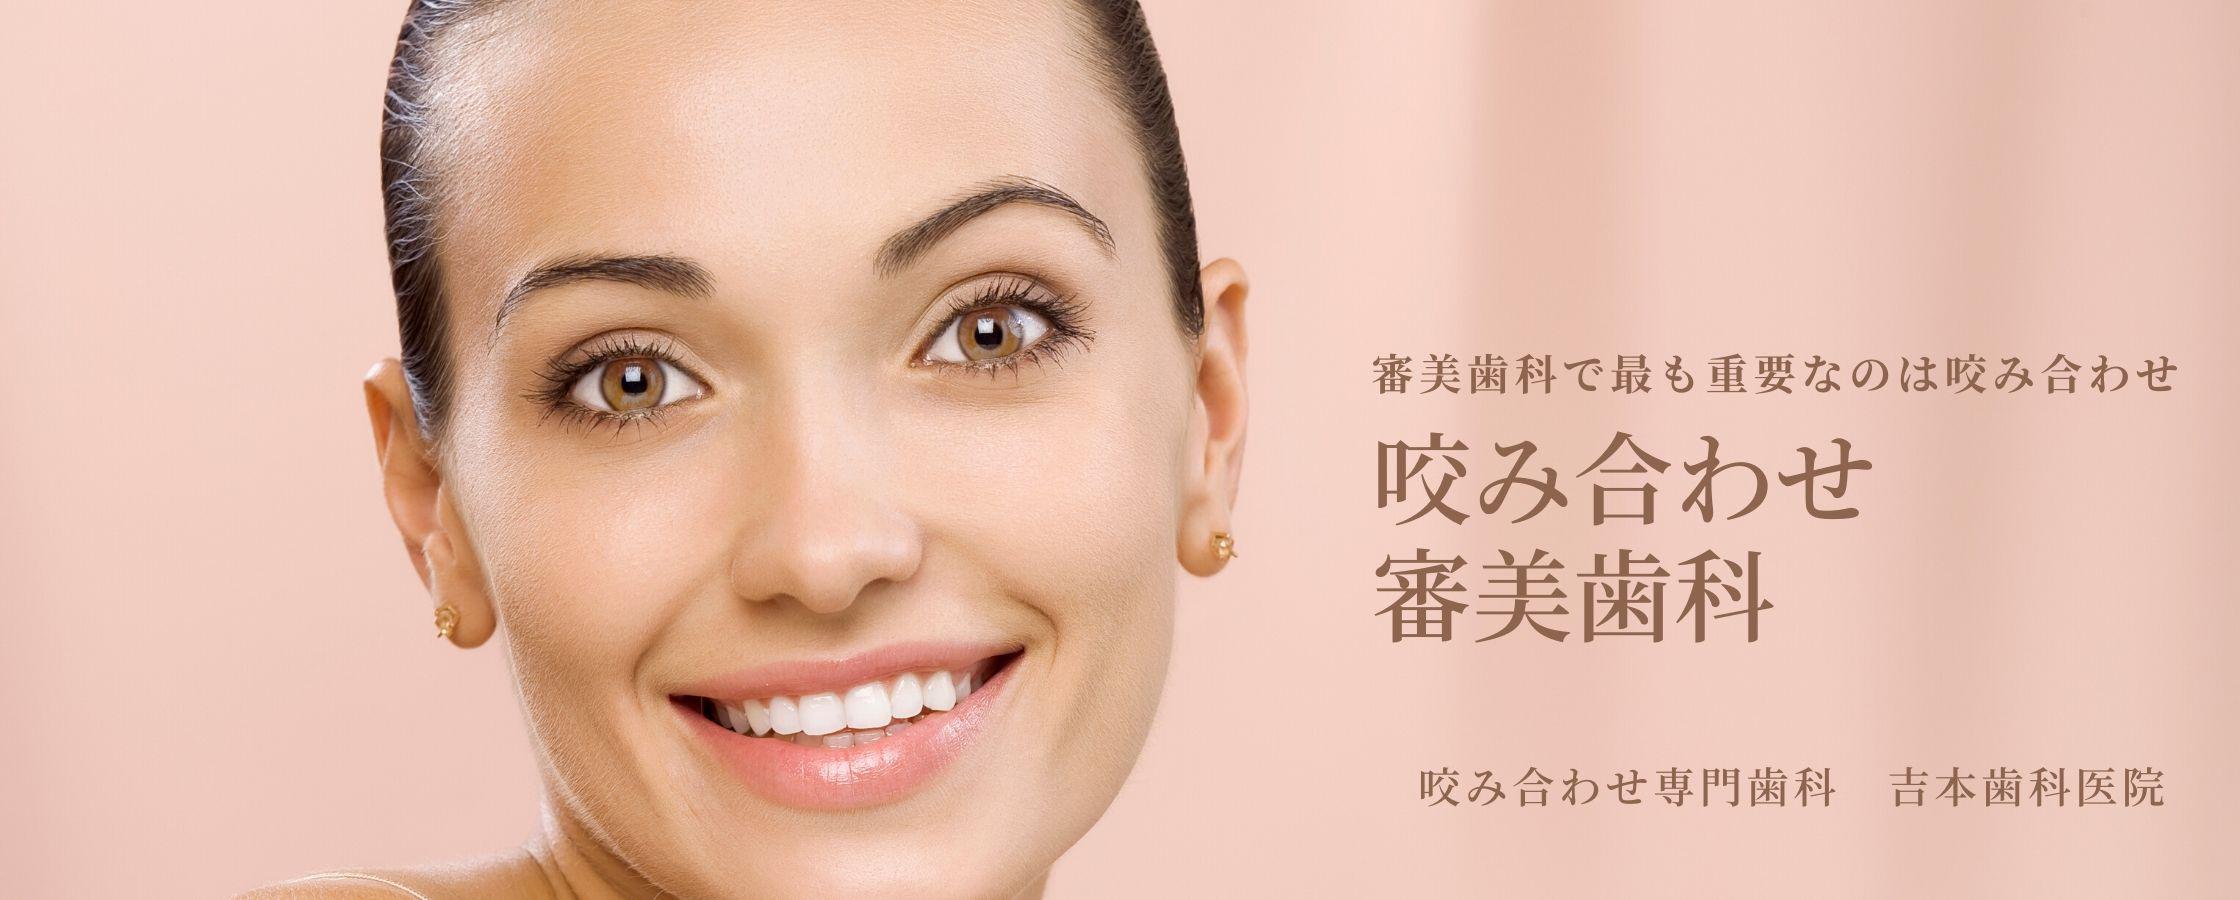 歯科,金属アレルギーなら香川県の吉本歯科医院